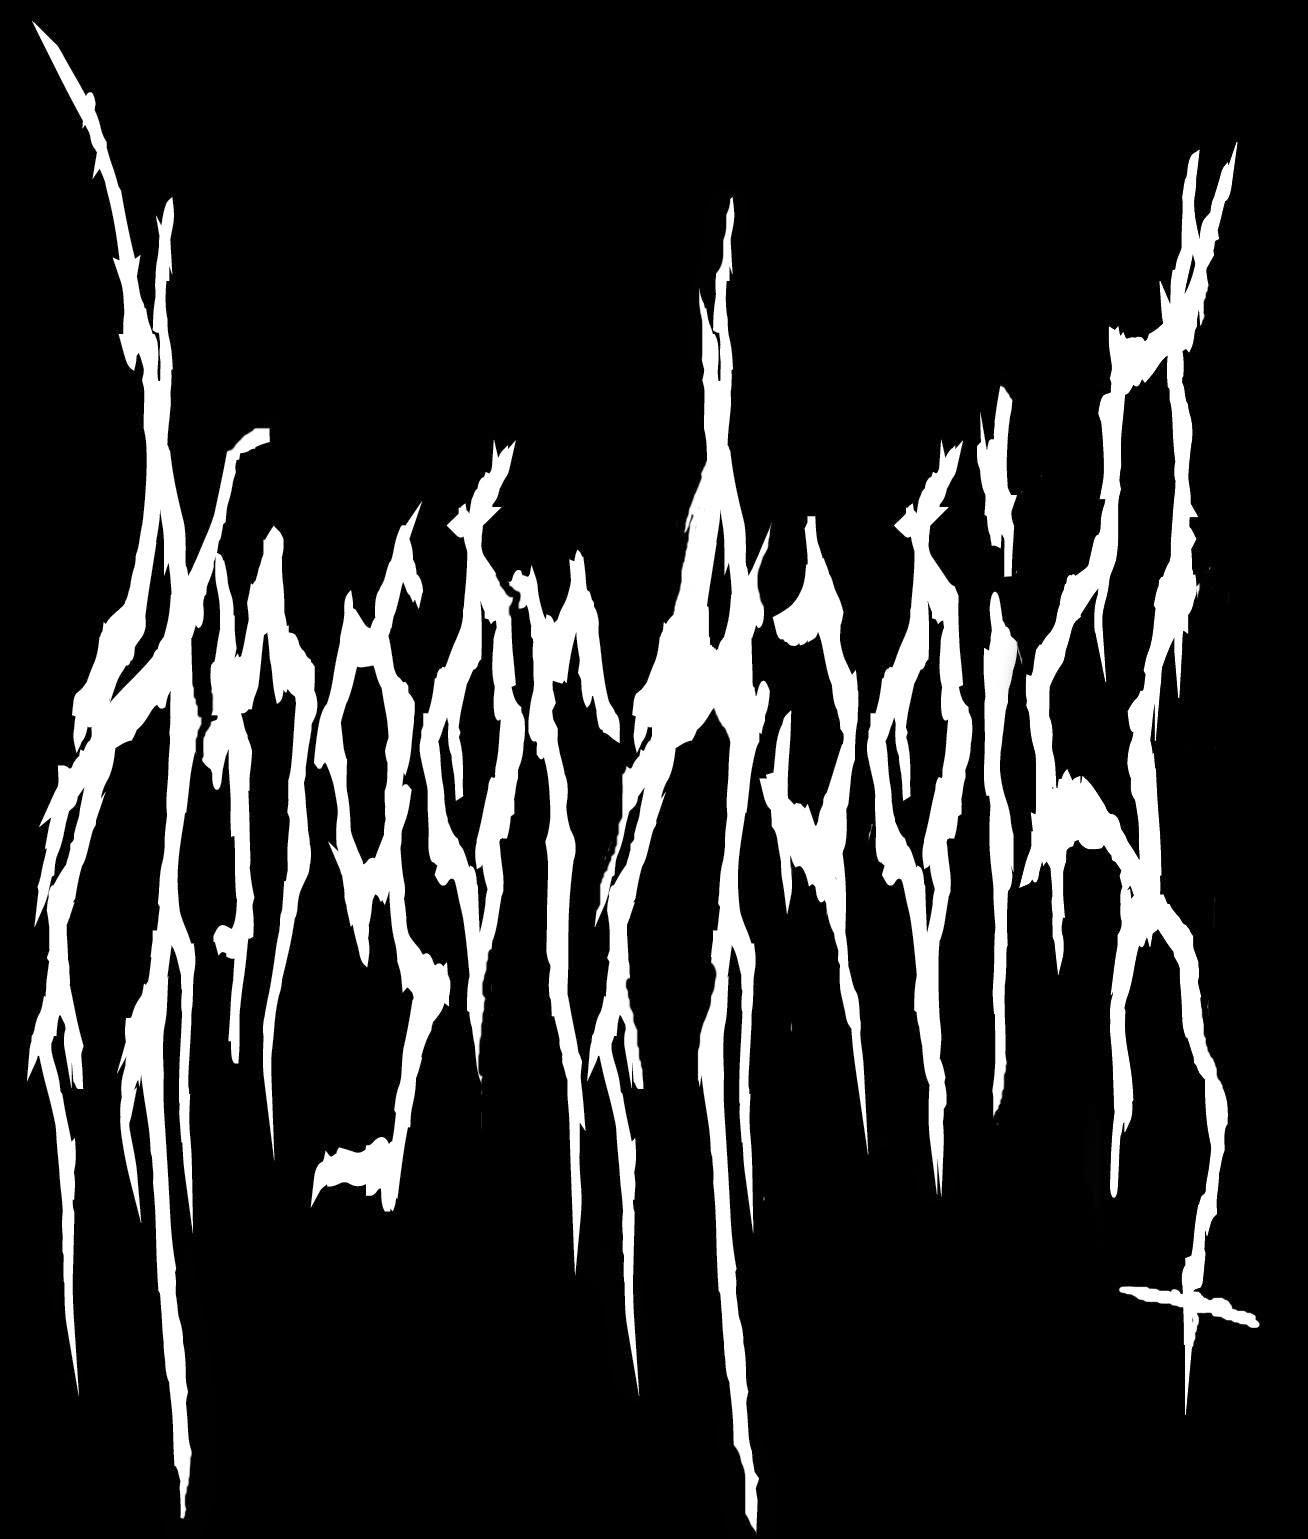 Angoracoid